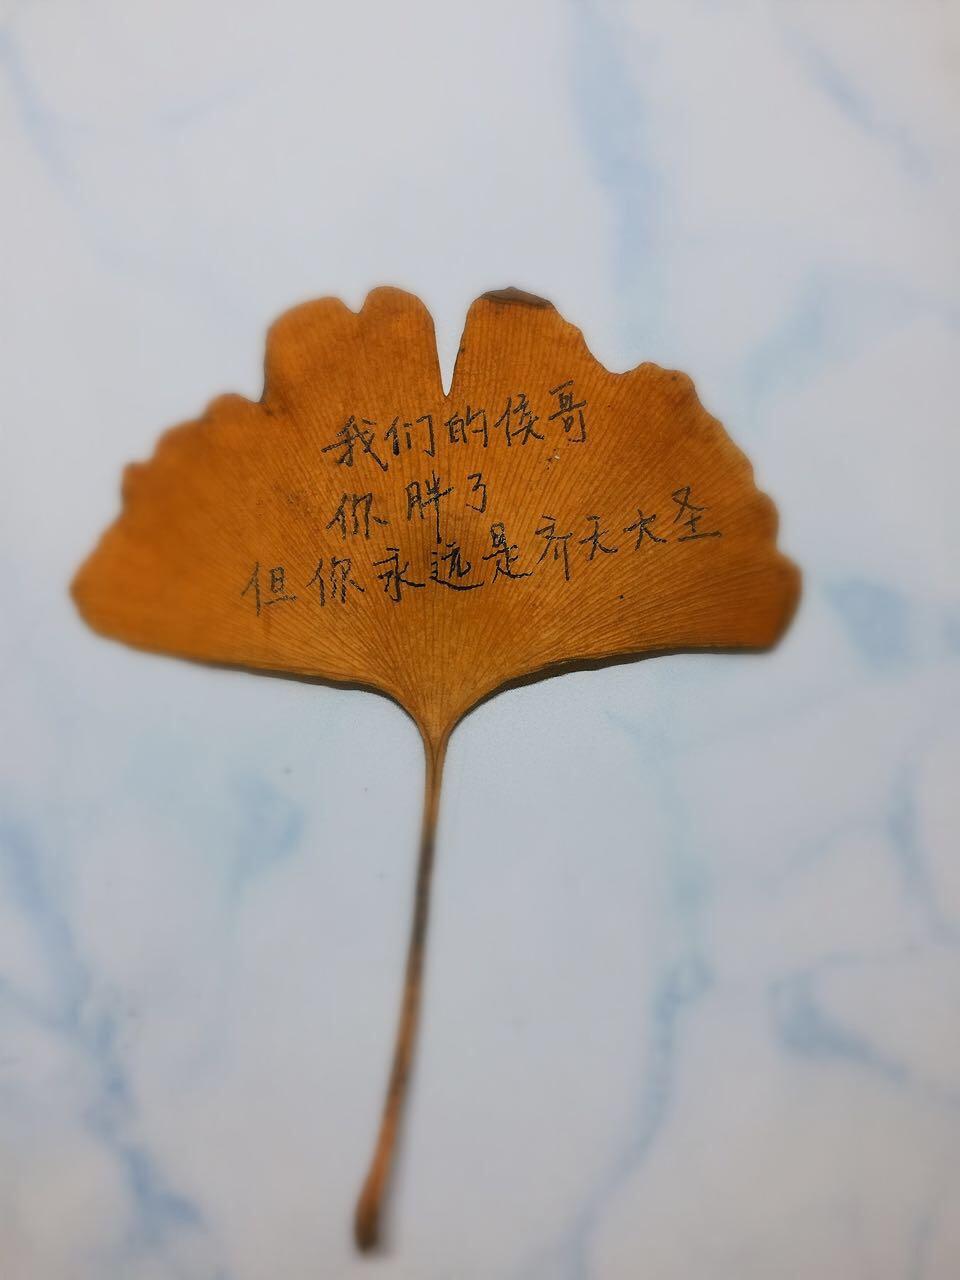 生活委员用银杏叶手写三行情书做圣诞礼物